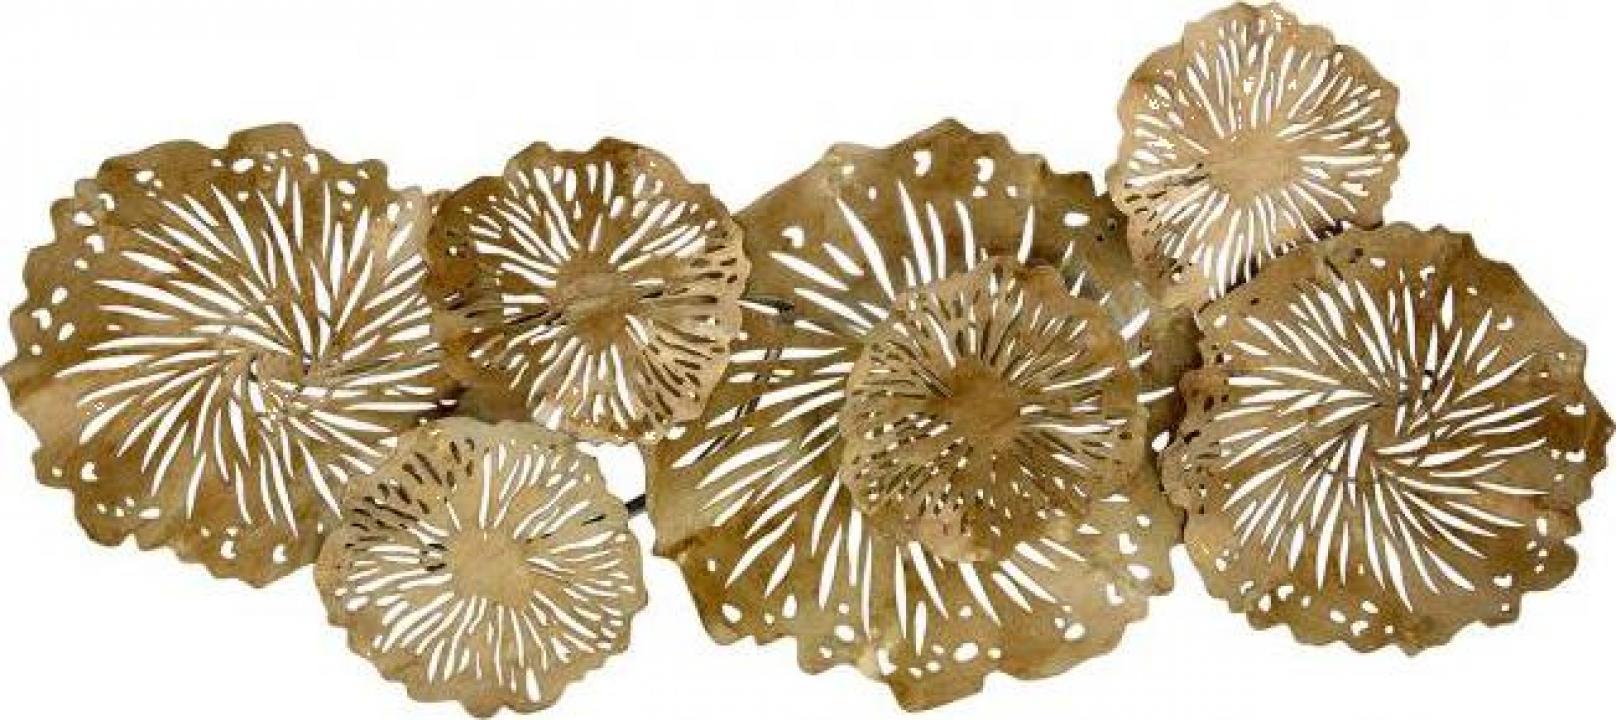 Decoratiune de perete Gold Lily Pads, metal, 44 x 6 x 100 cm